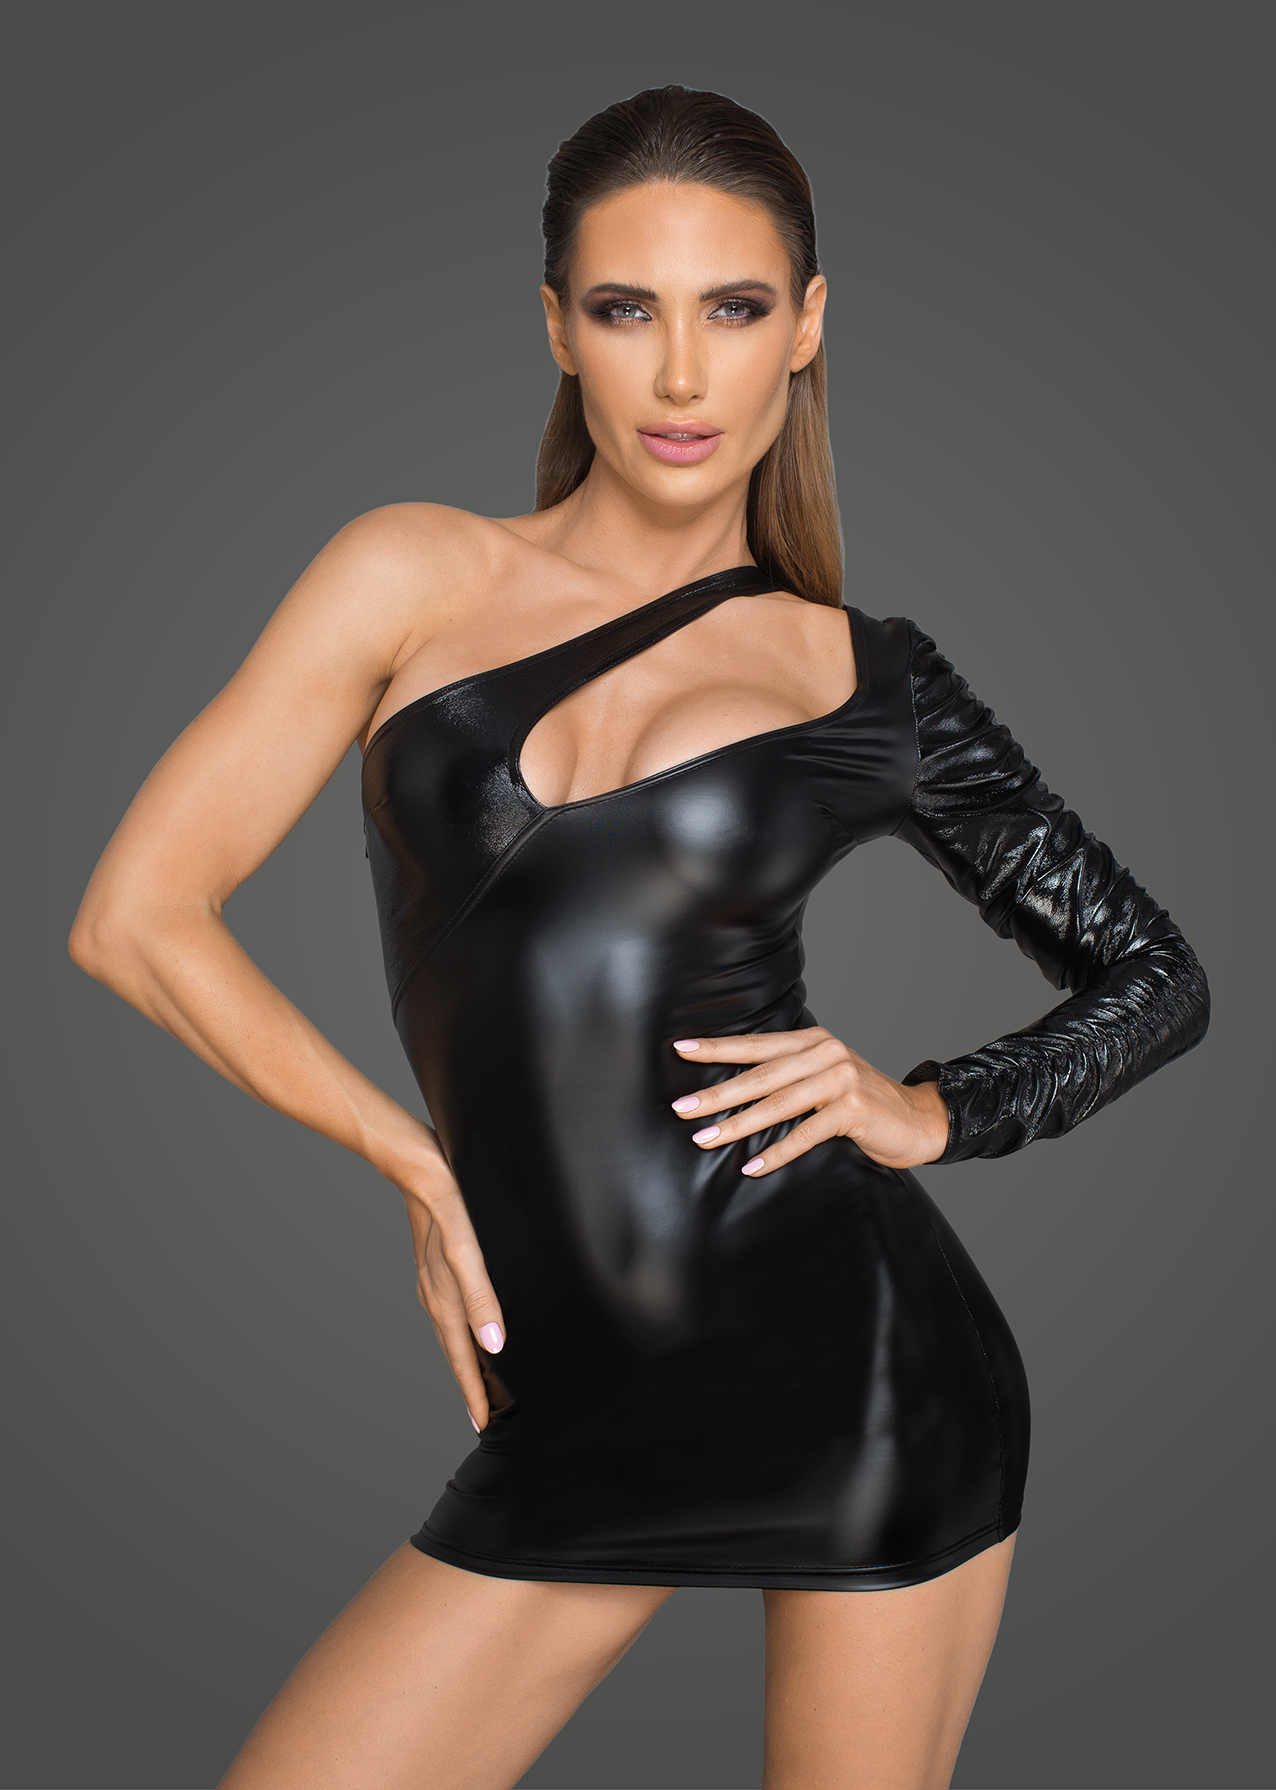 Фото 2 - Девушка в сексуальном виниловом платье